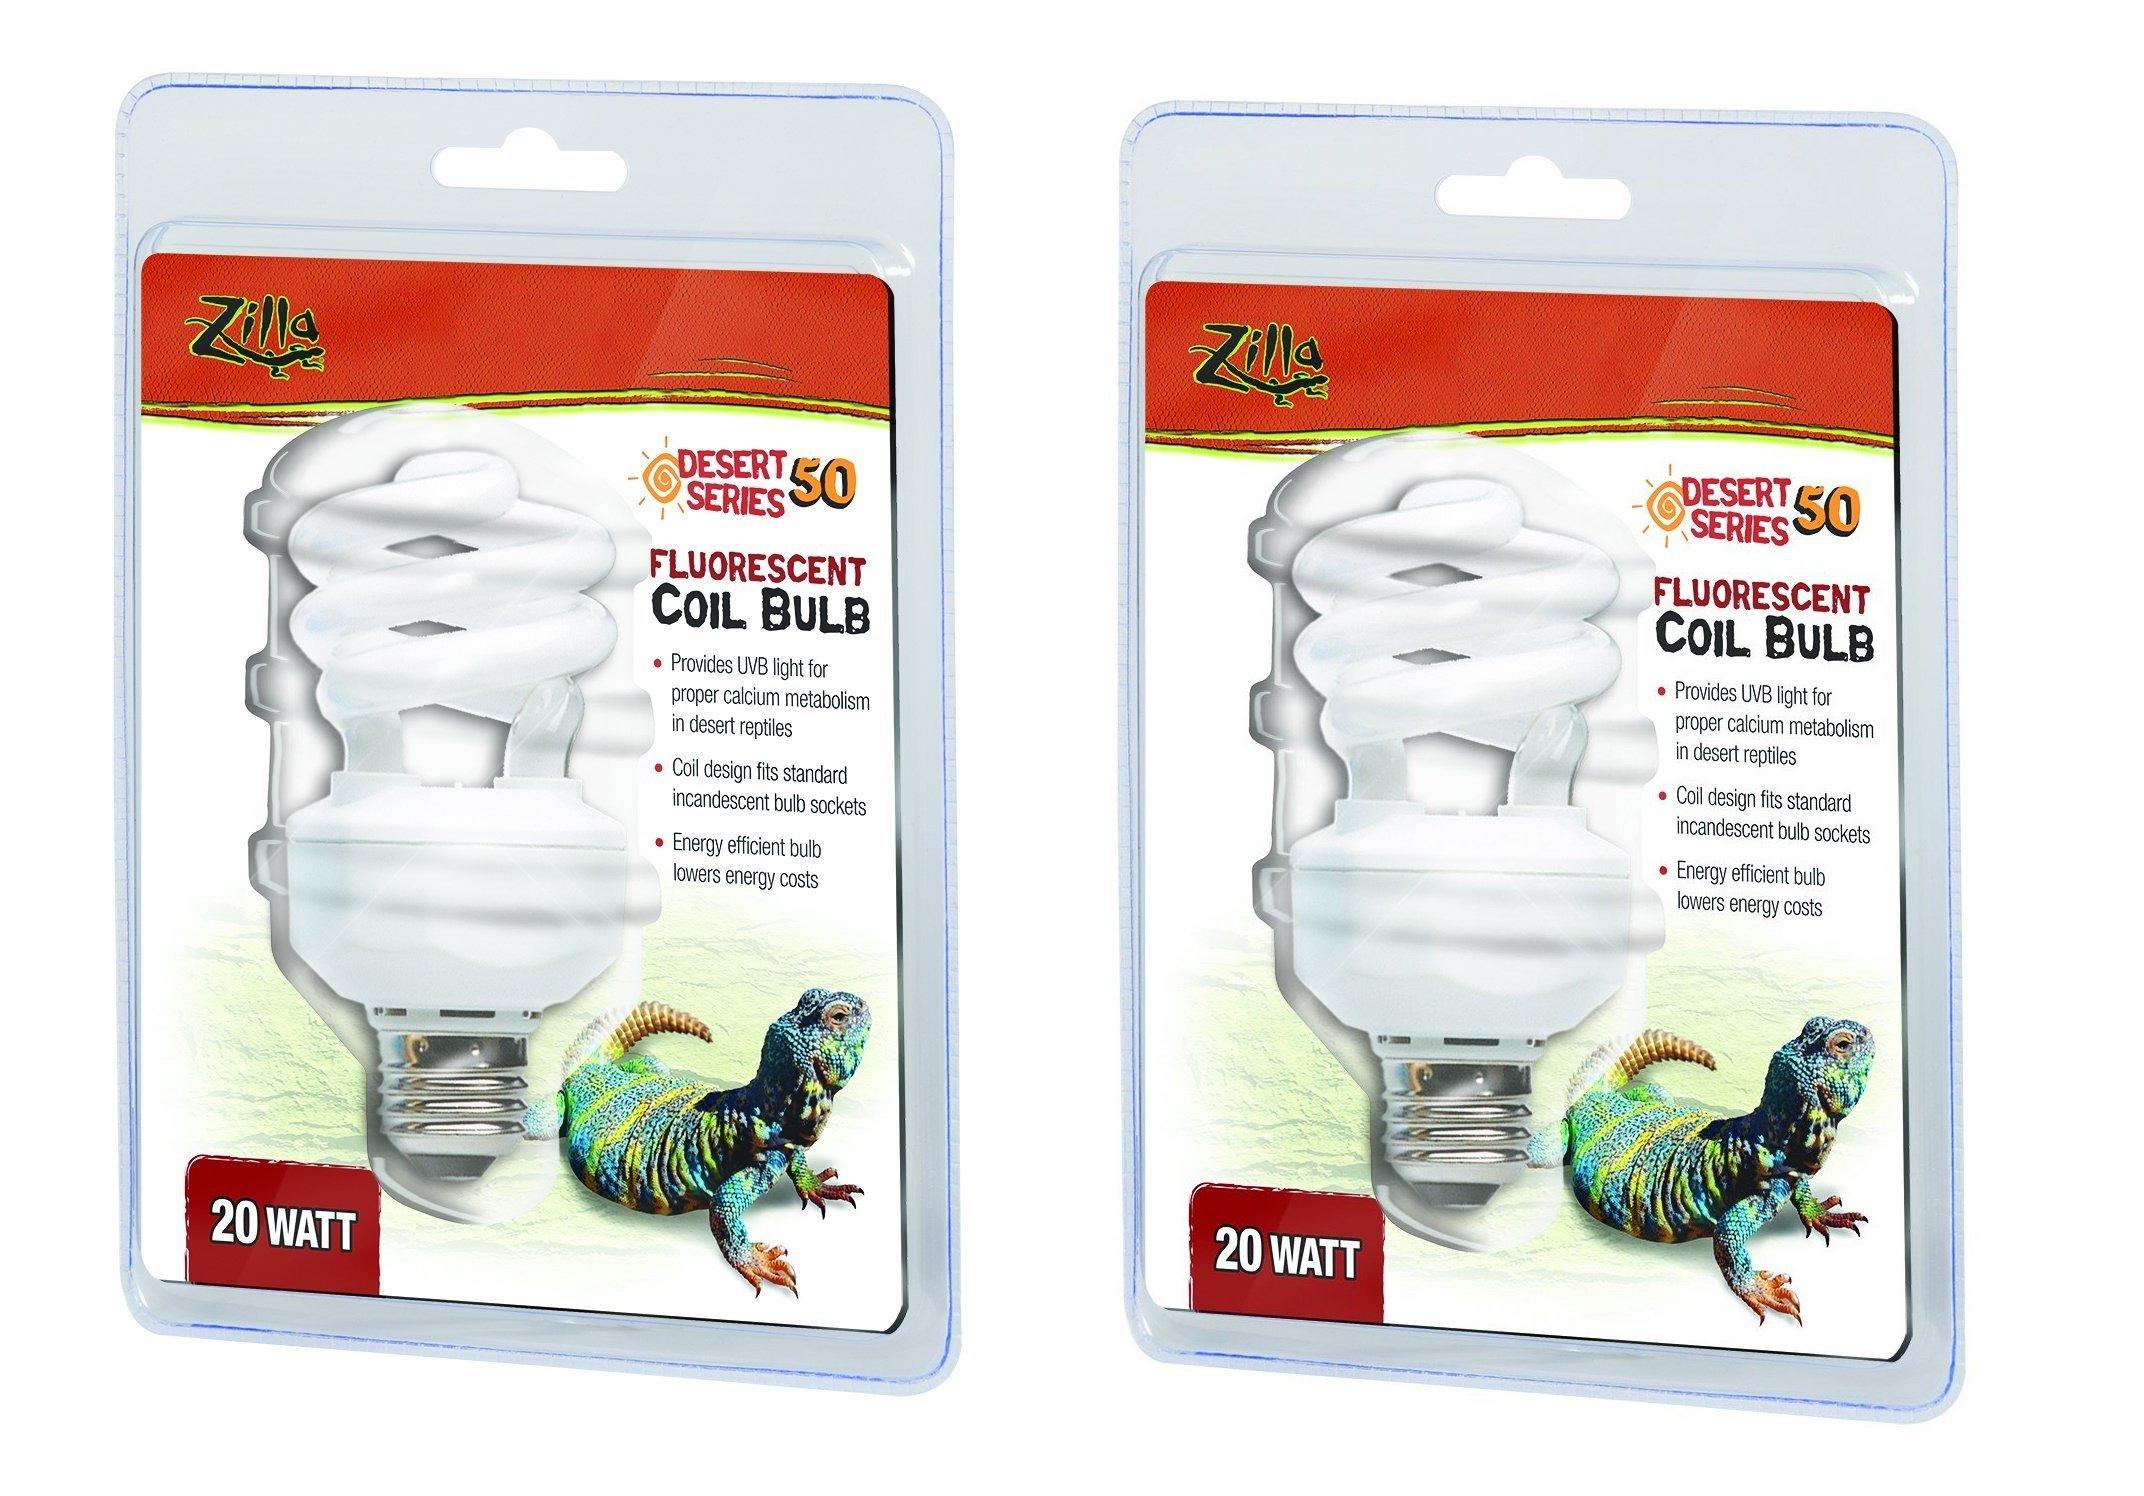 Zilla UVB Fluorescent Desert Coil Bulb, 20 Watt (2 Pack)